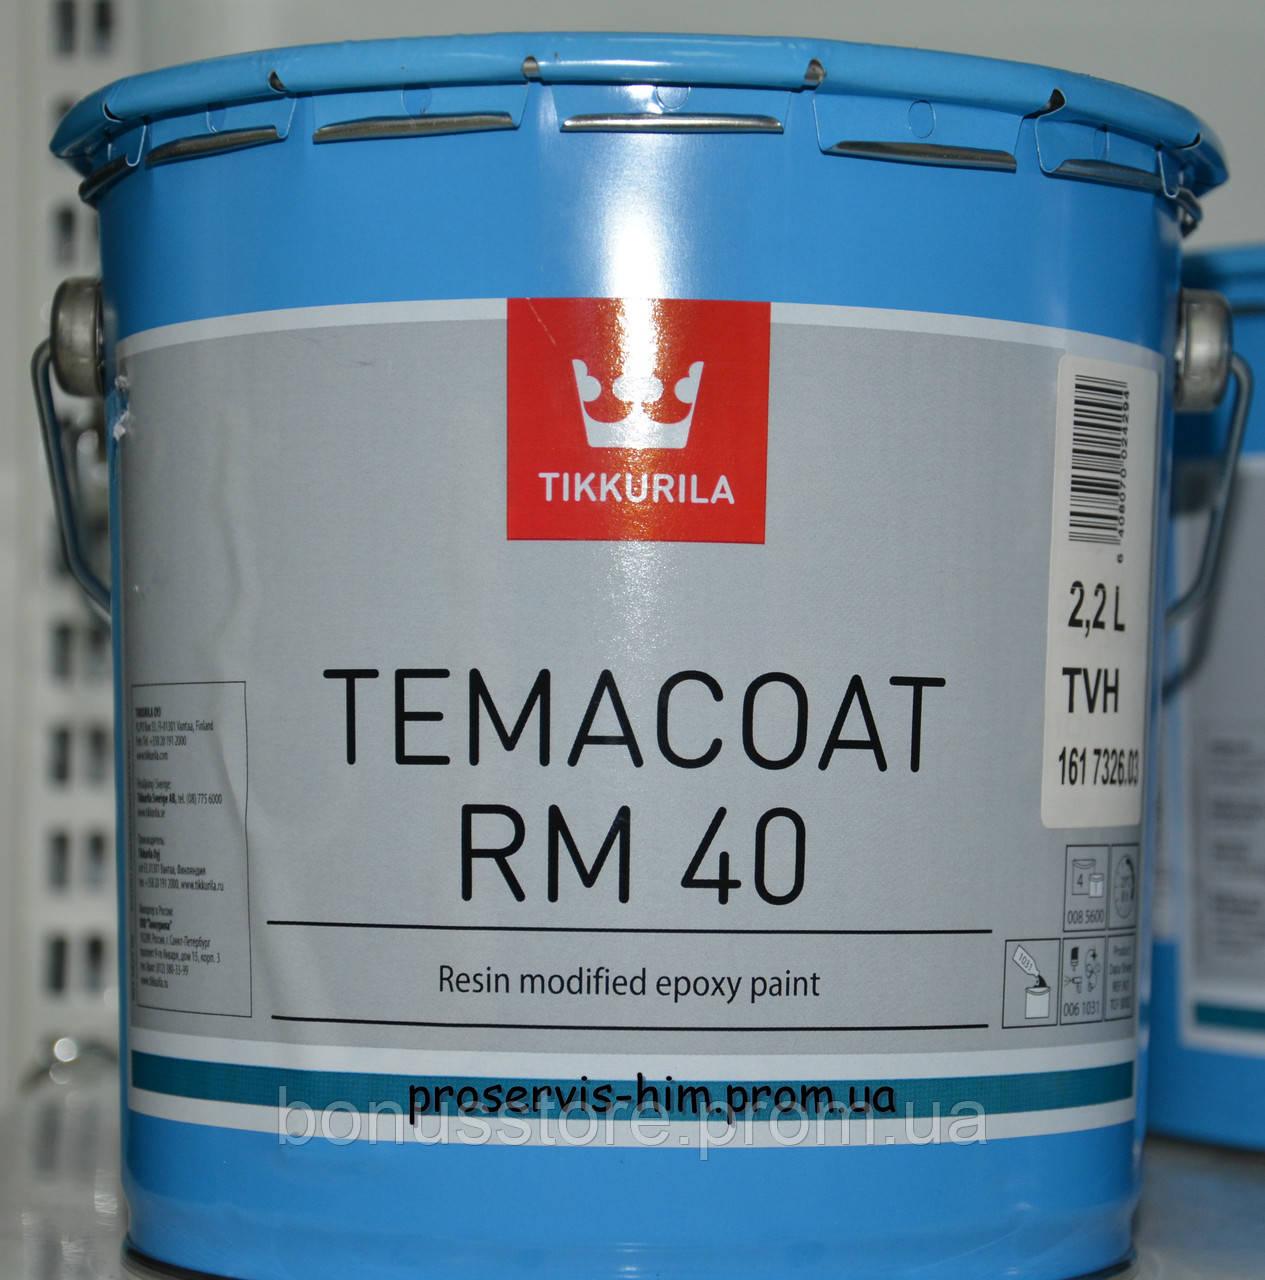 Эпоксидная краска Tikkurila Temacoat RM 40 TVH 2,2л - ПРОФ-ХИМ express в Виннице